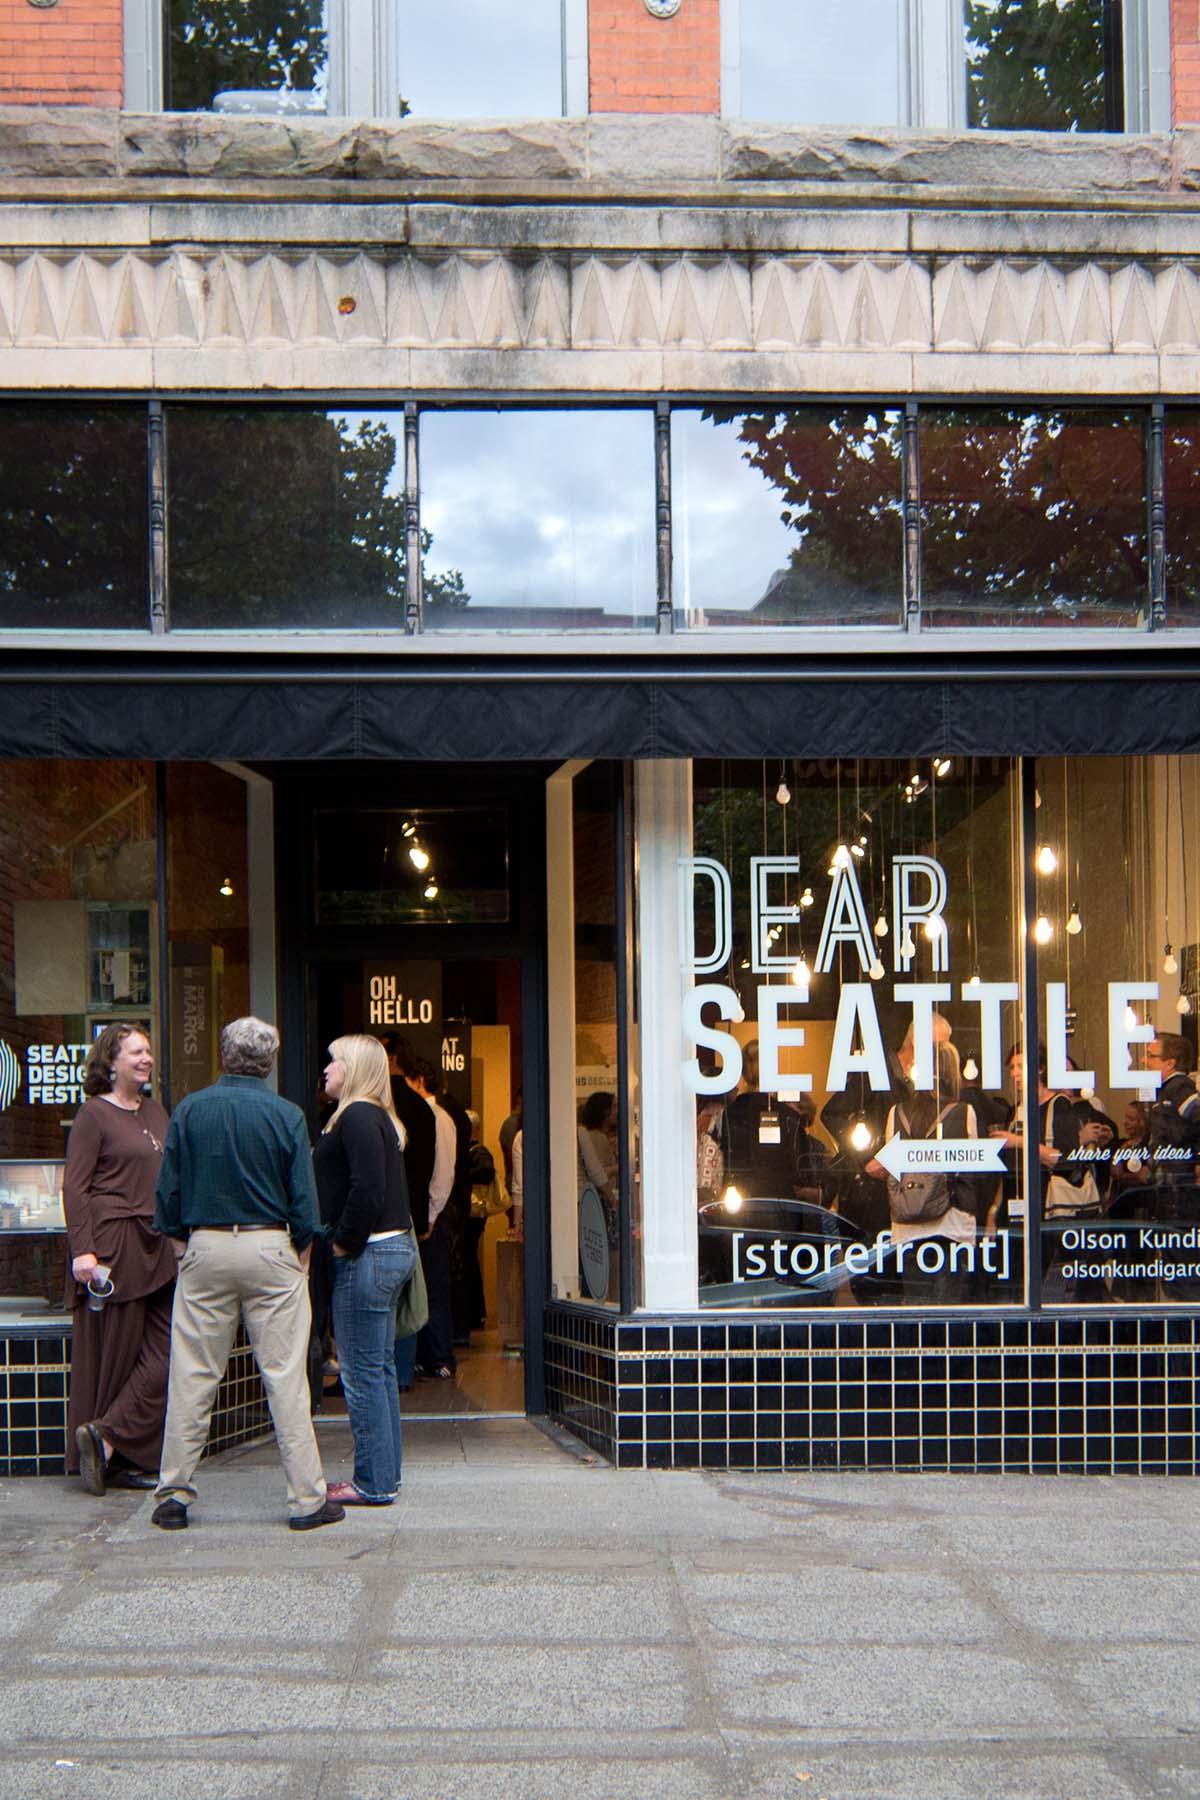 A pop-up store on a sidewalk in Seattle.